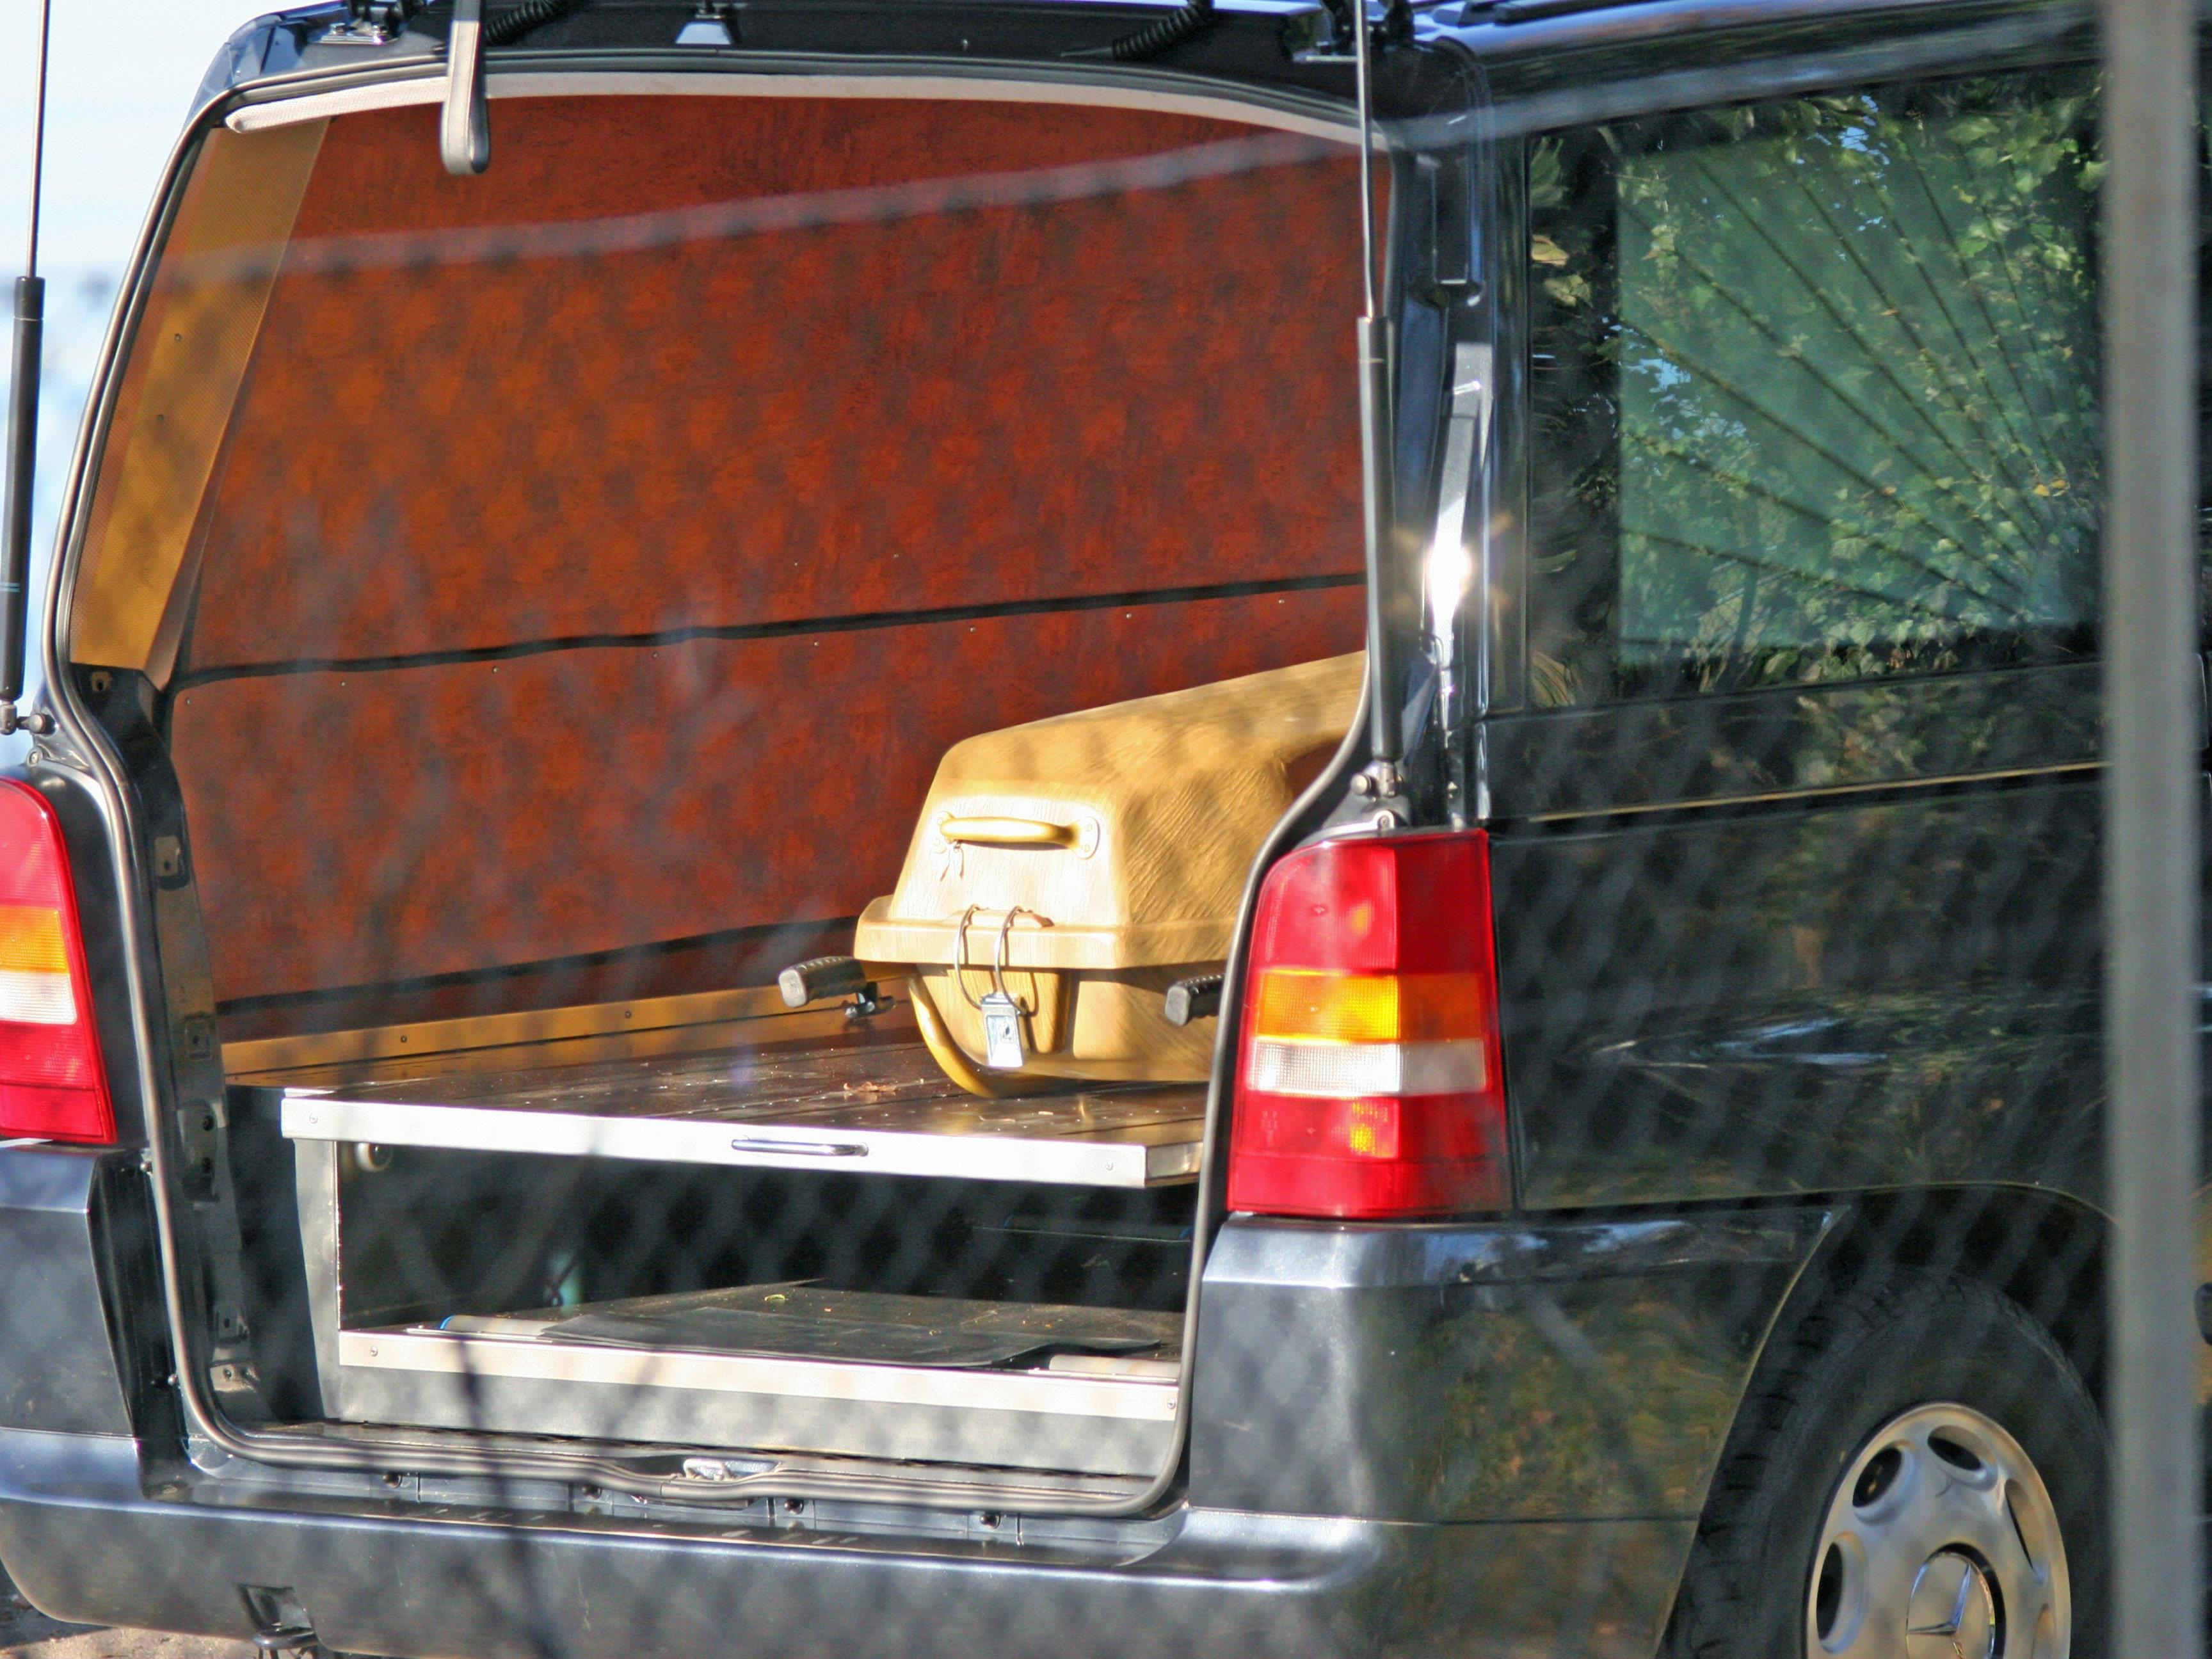 In München vermisst: ein polnischer Leichenwagen mit einer toten Frau an Bord